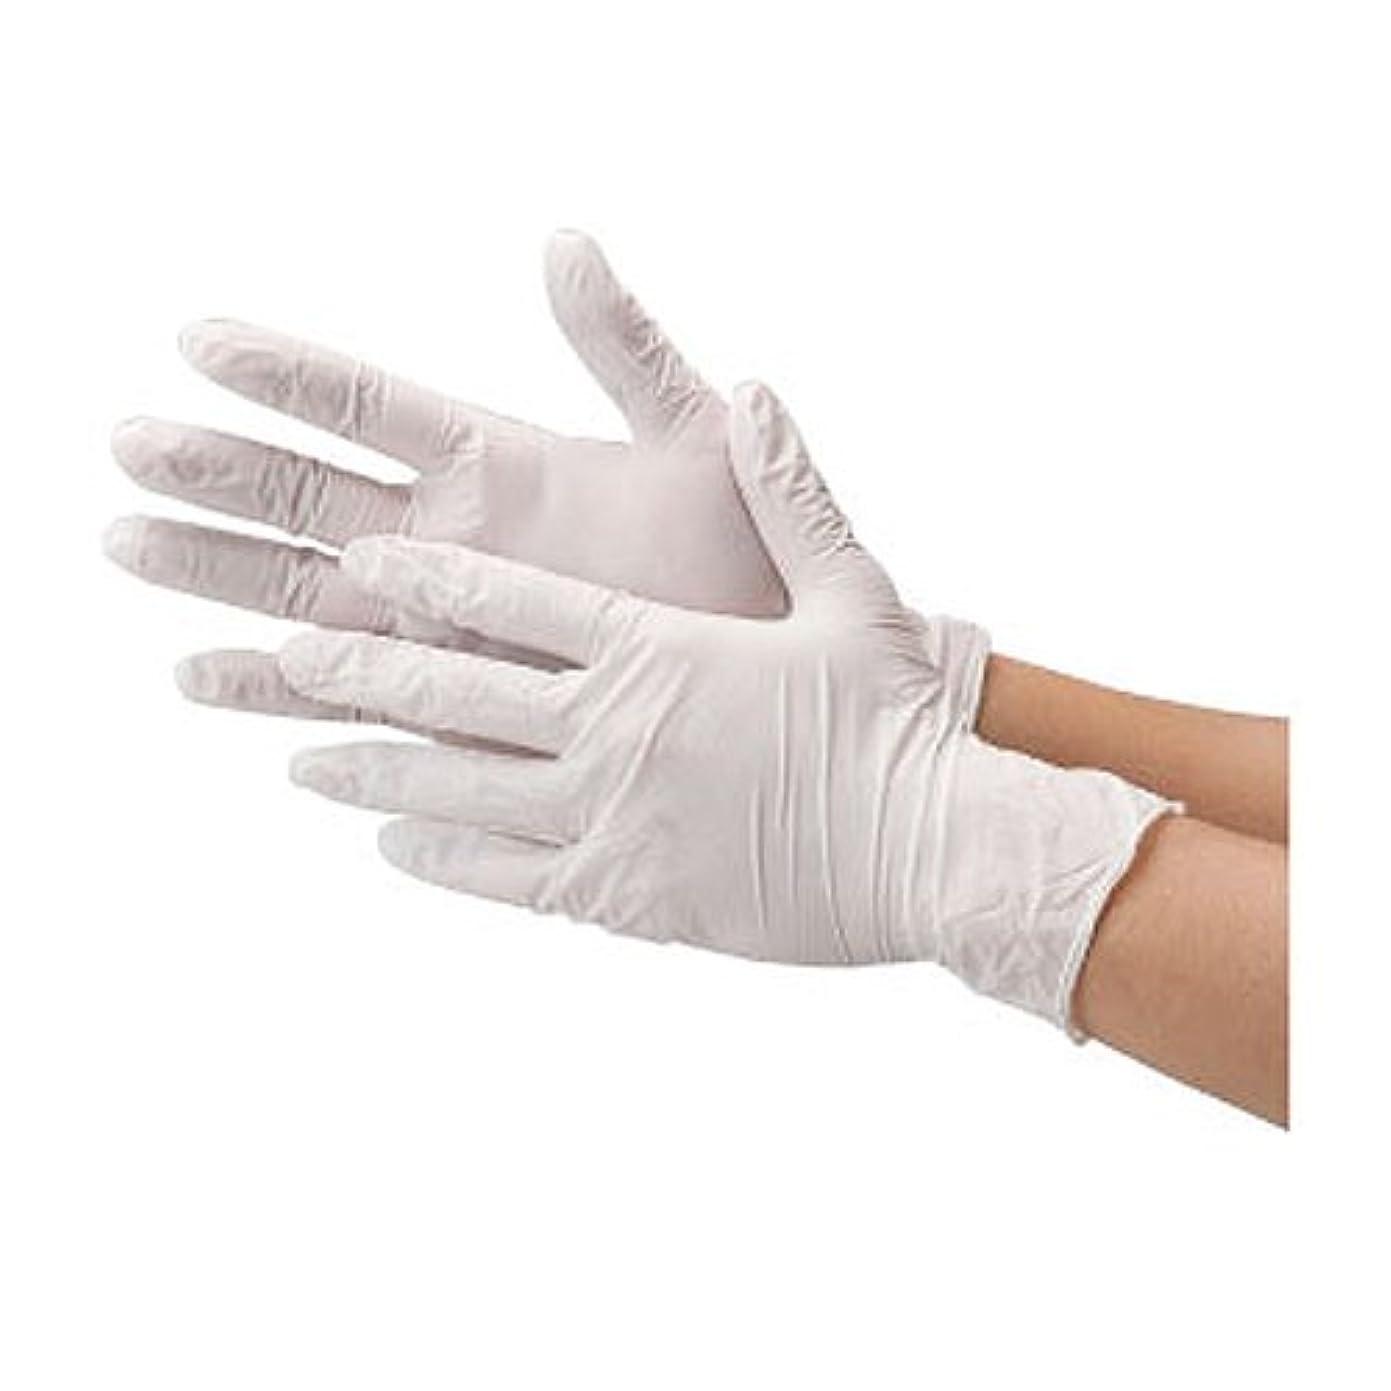 取り囲む話欲しいです川西工業 ニトリル 使いきり手袋 ストロング 粉無 100枚入り 2037 ホワイトL